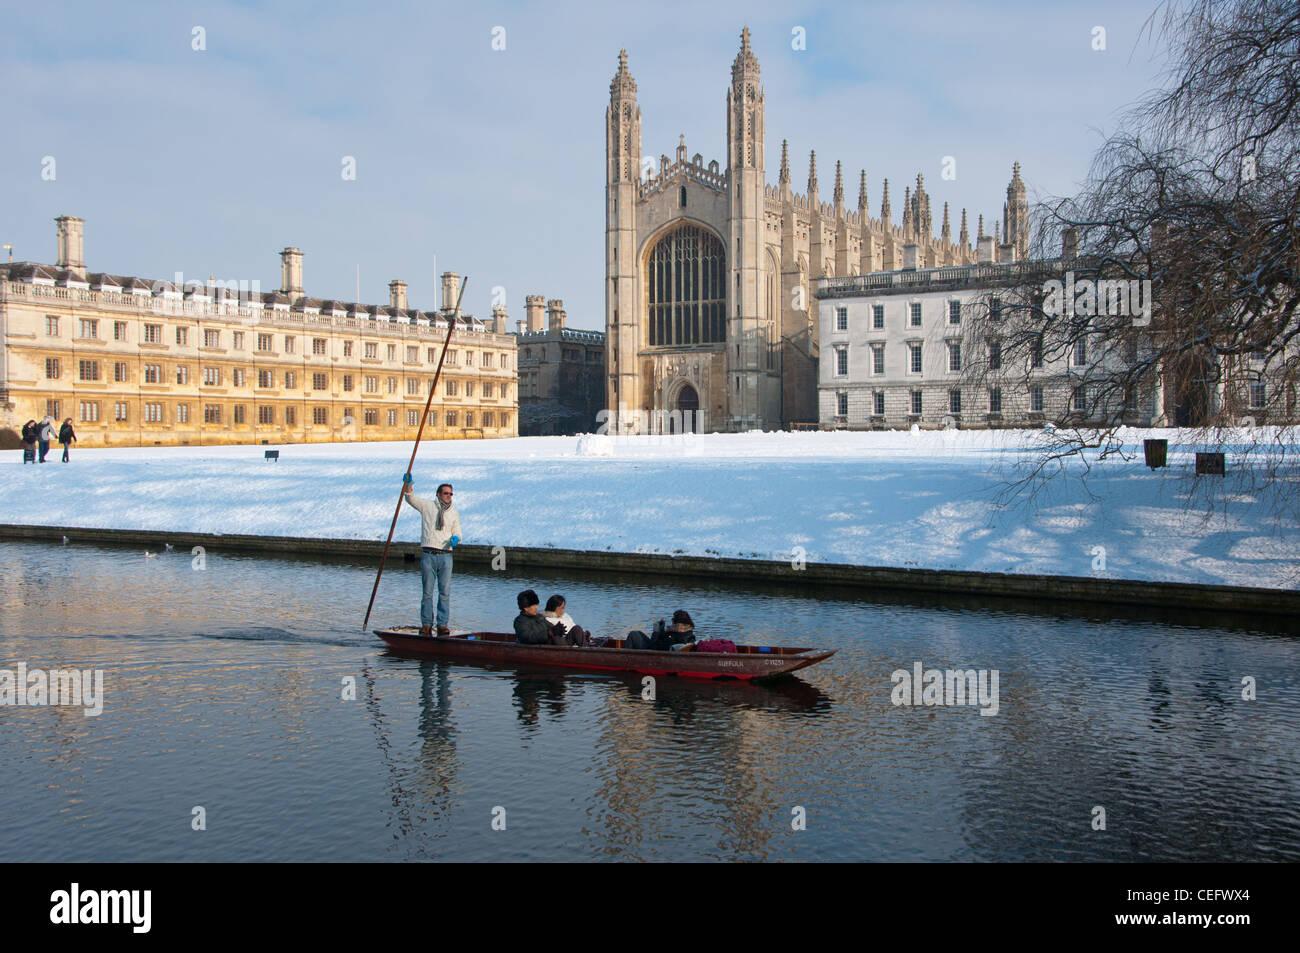 Remar a lo largo de río Cam en invierno con nieve Kings College Chapel en la parte trasera. Cambridge, Inglaterra. Foto de stock